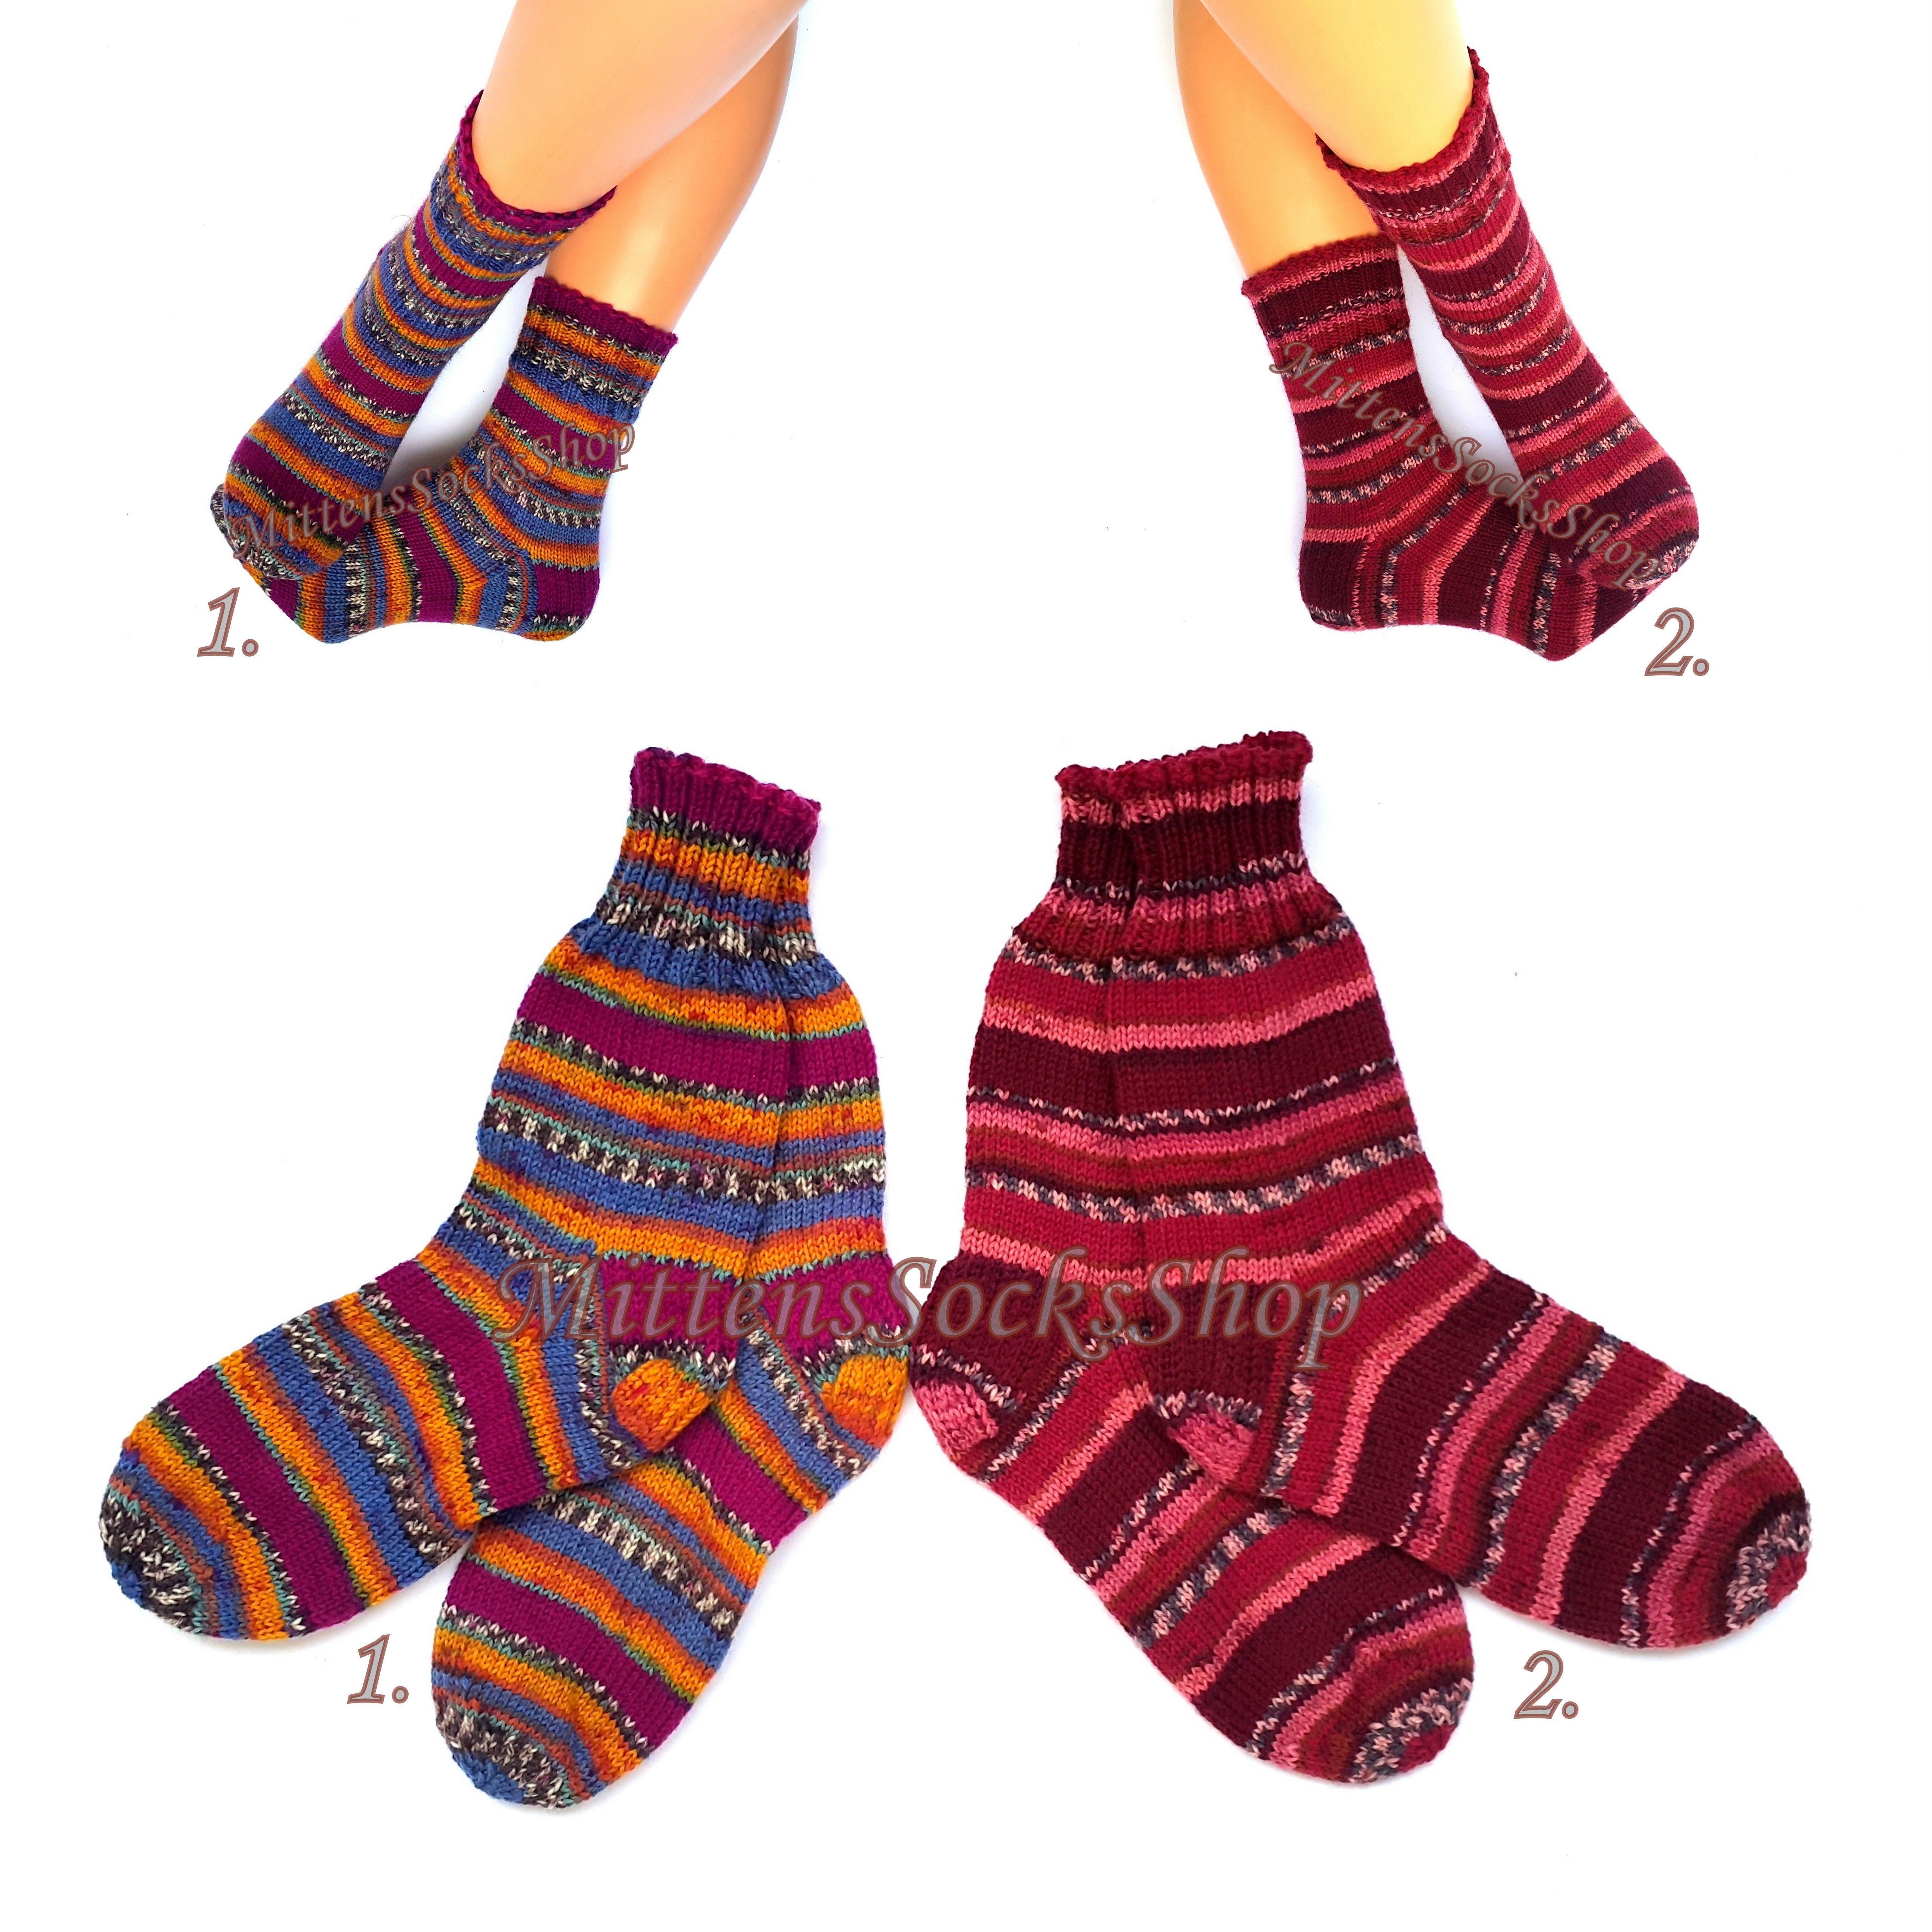 Funky Hand Knitted Winter Woollen Socks Rainbow